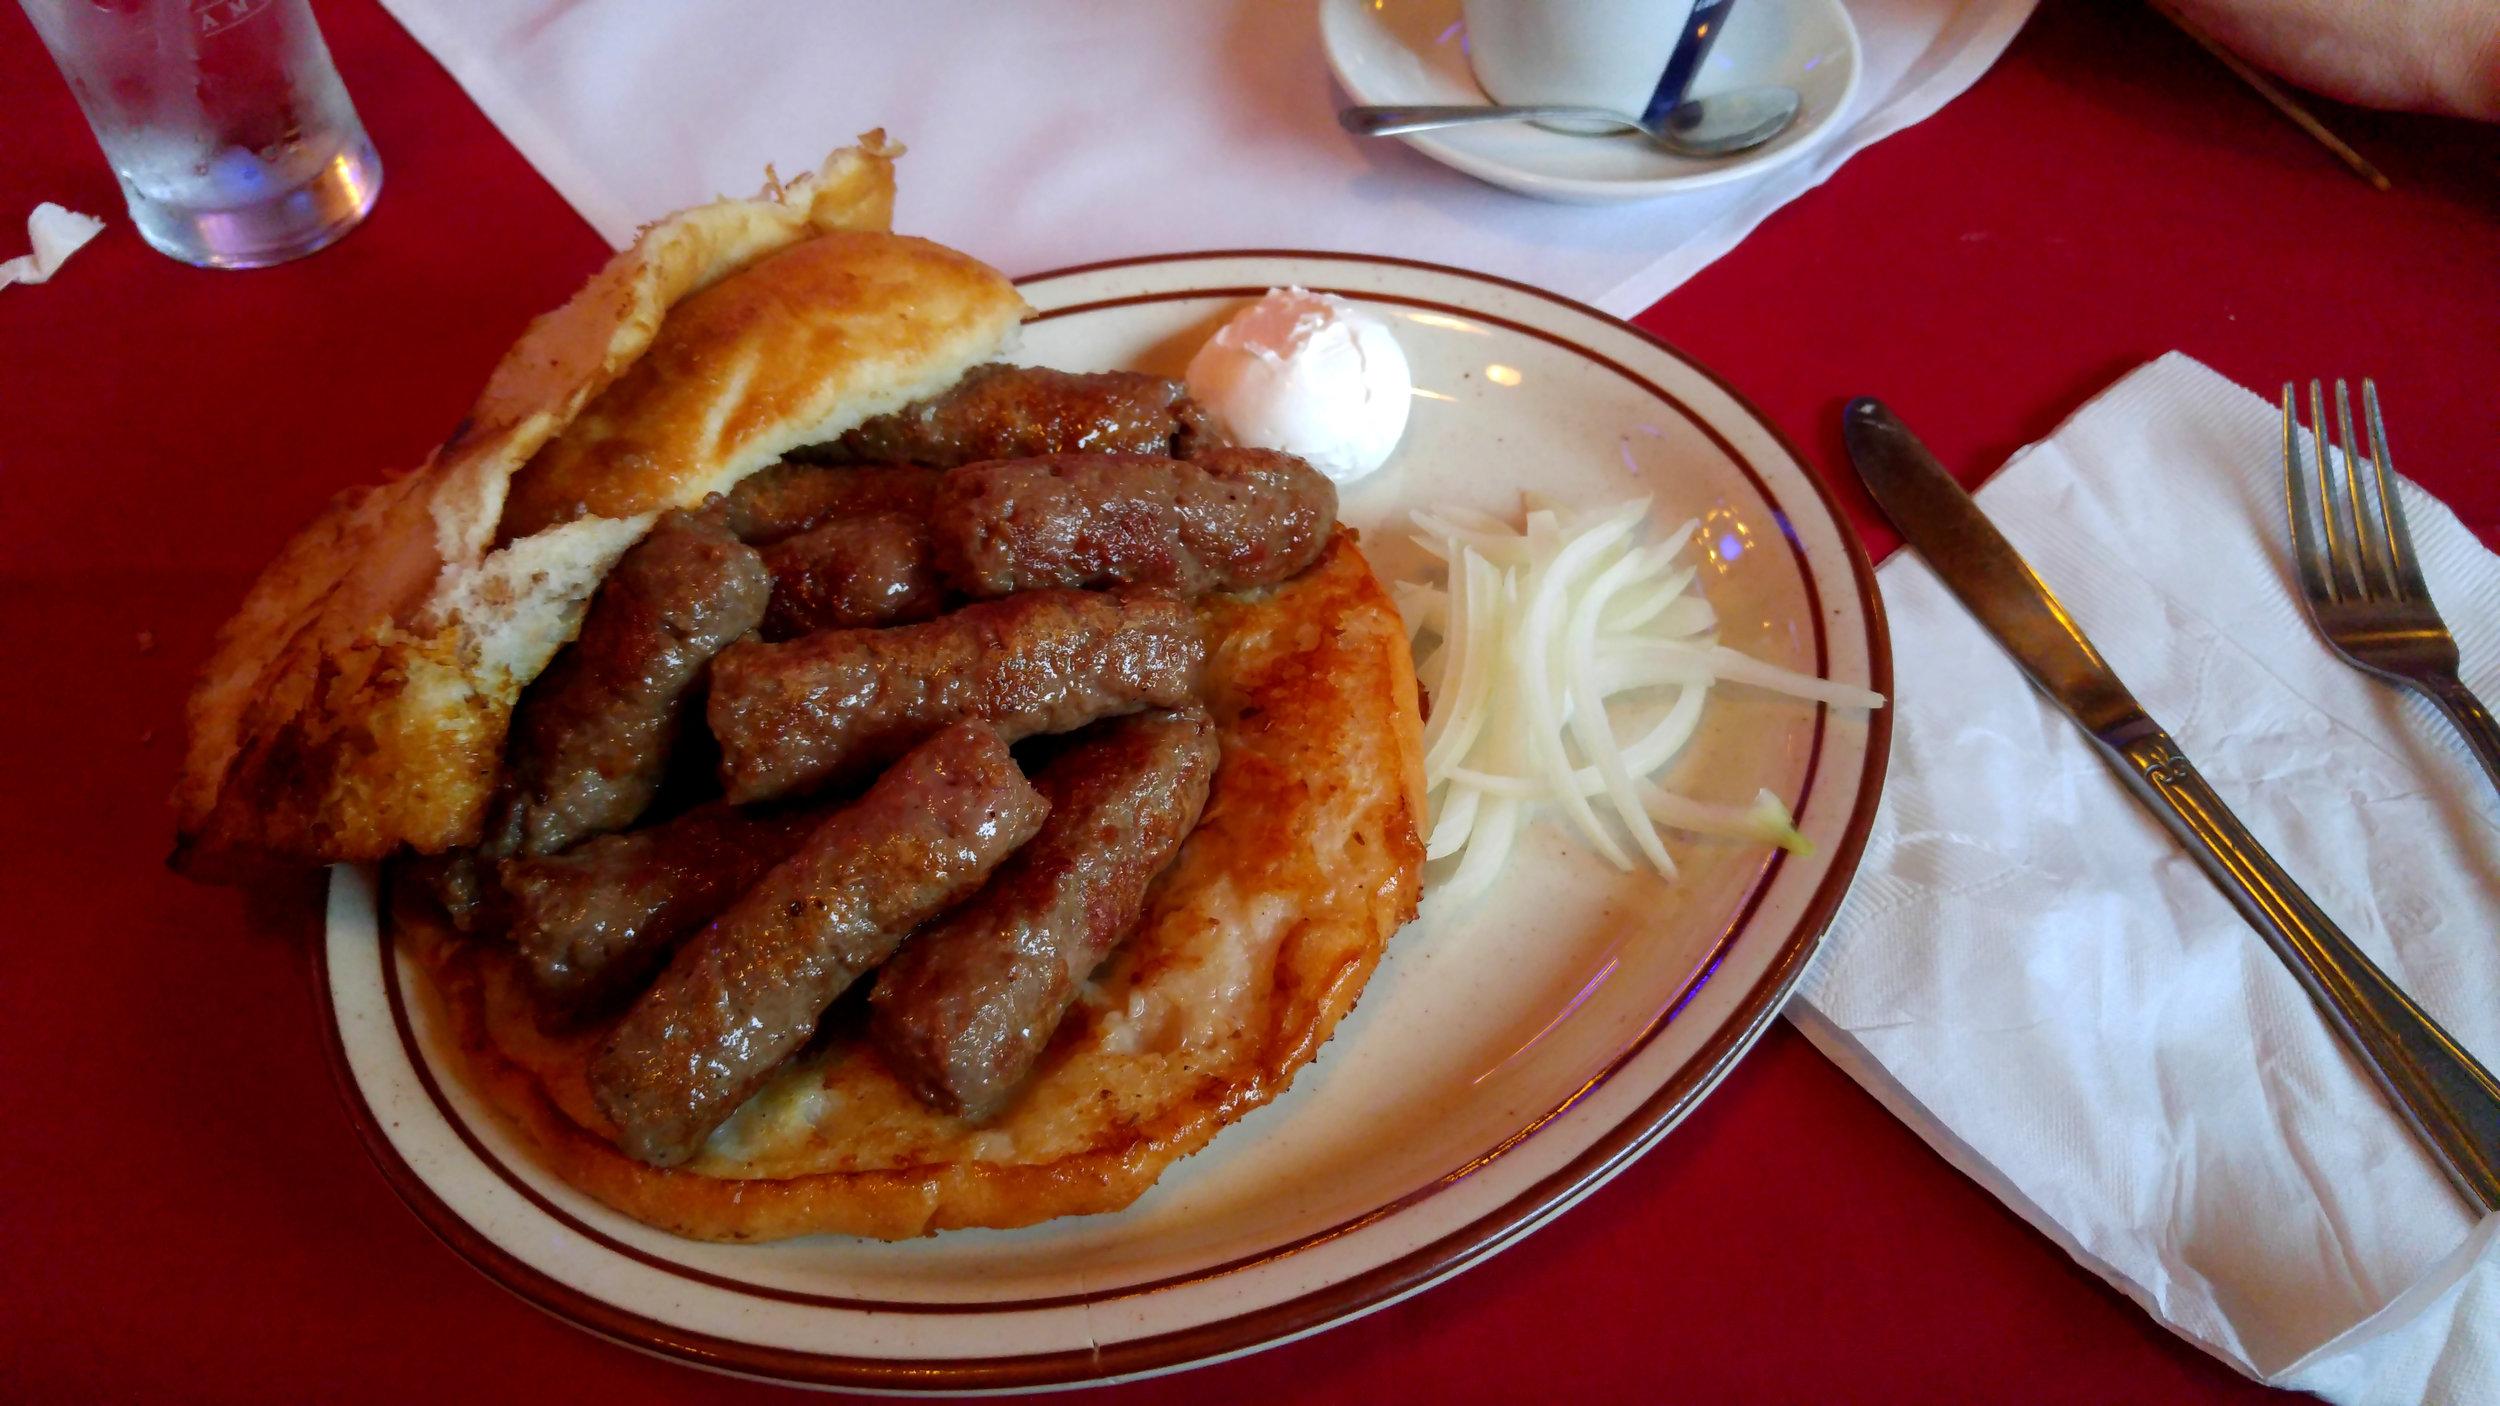 cevap or cevapcici from Bosnia and Herzegovina